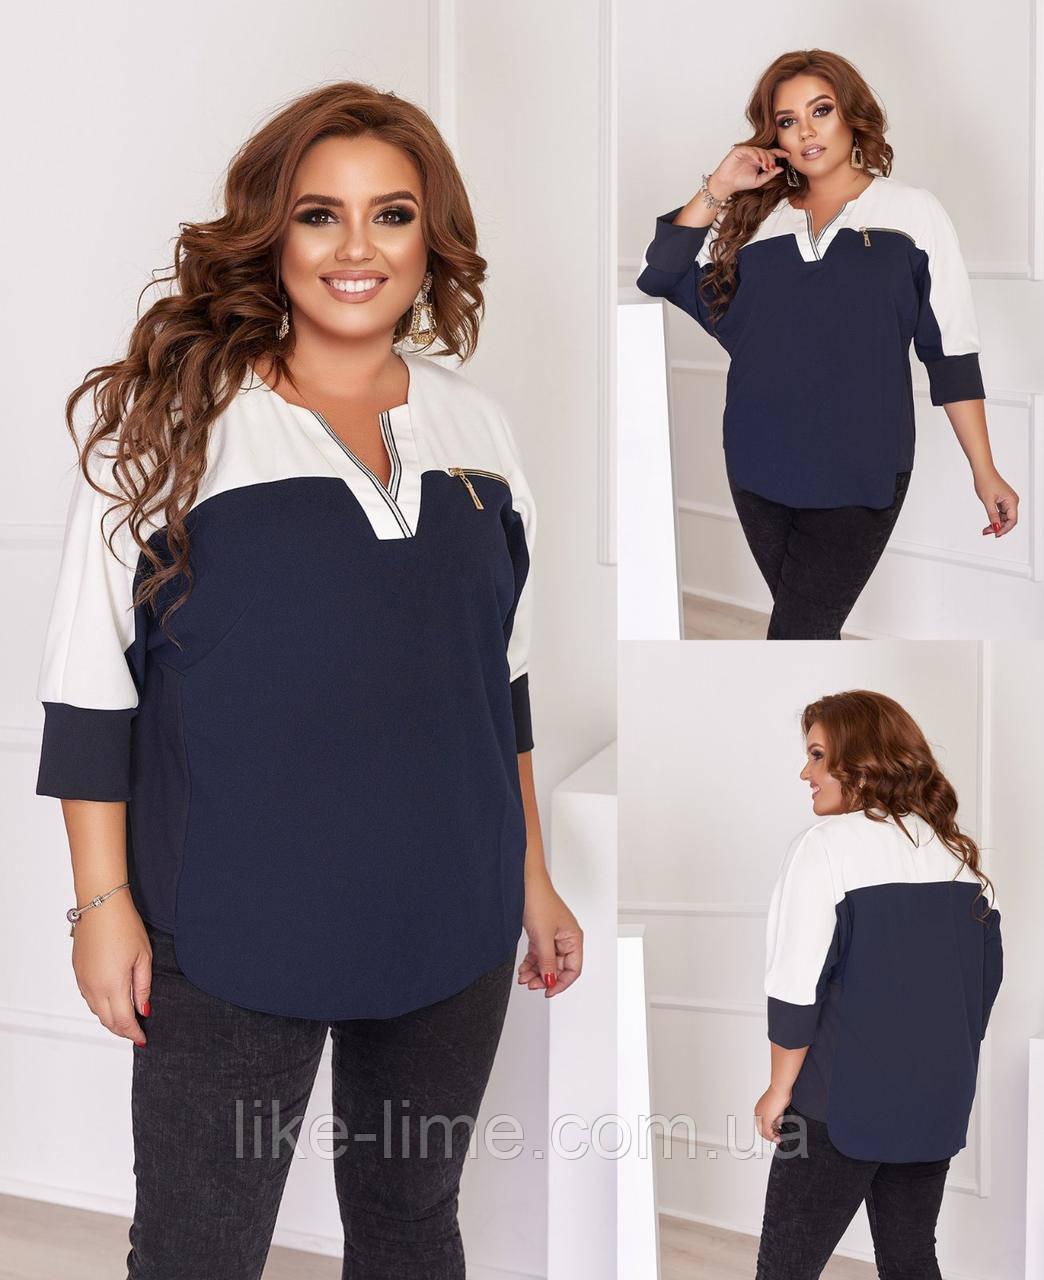 Стильная женская блузка, женская блузка